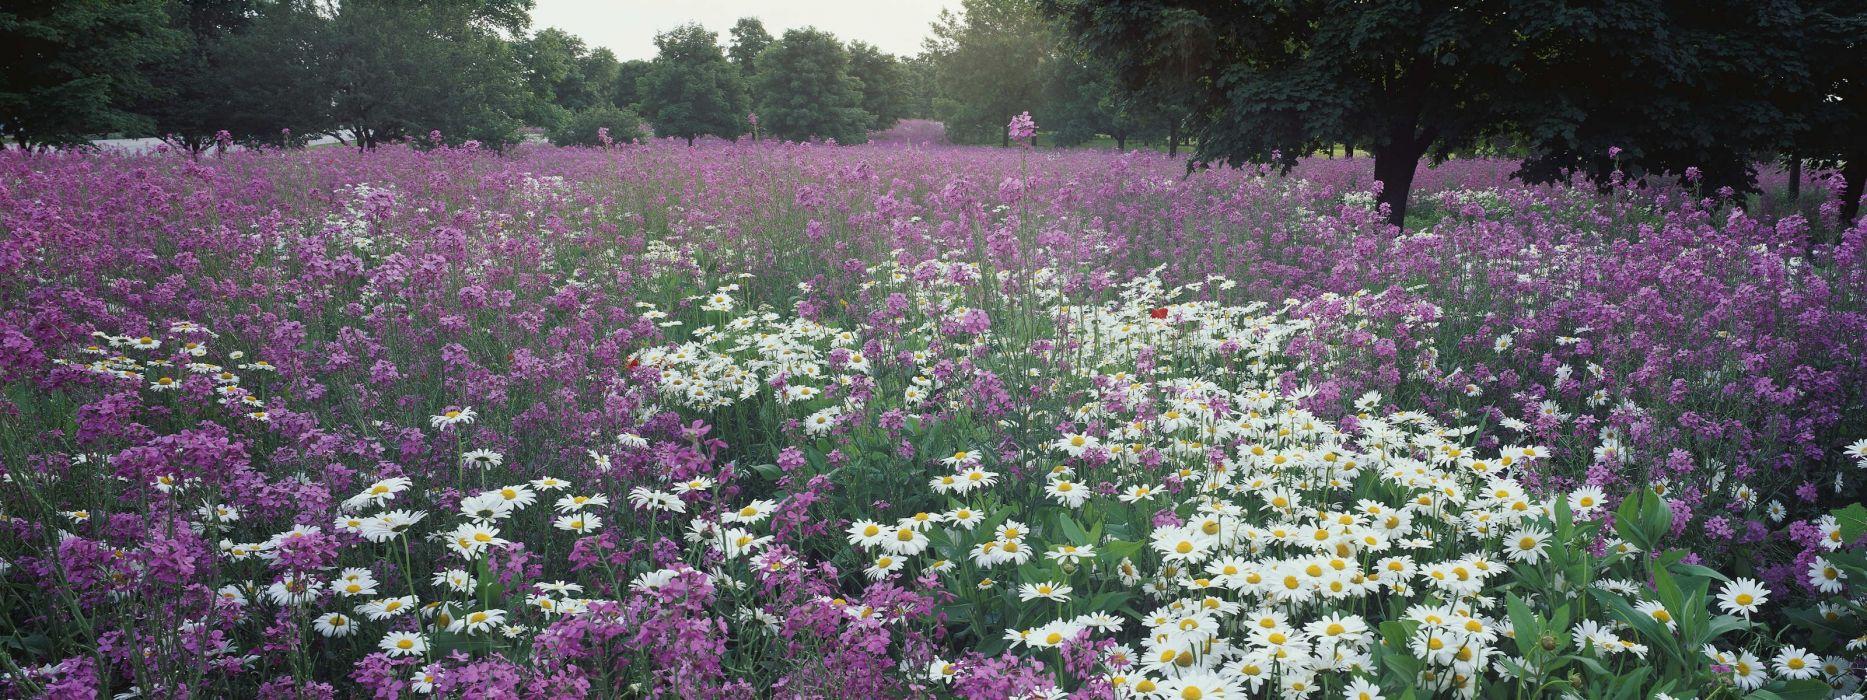 flowers meadows daisy wallpaper